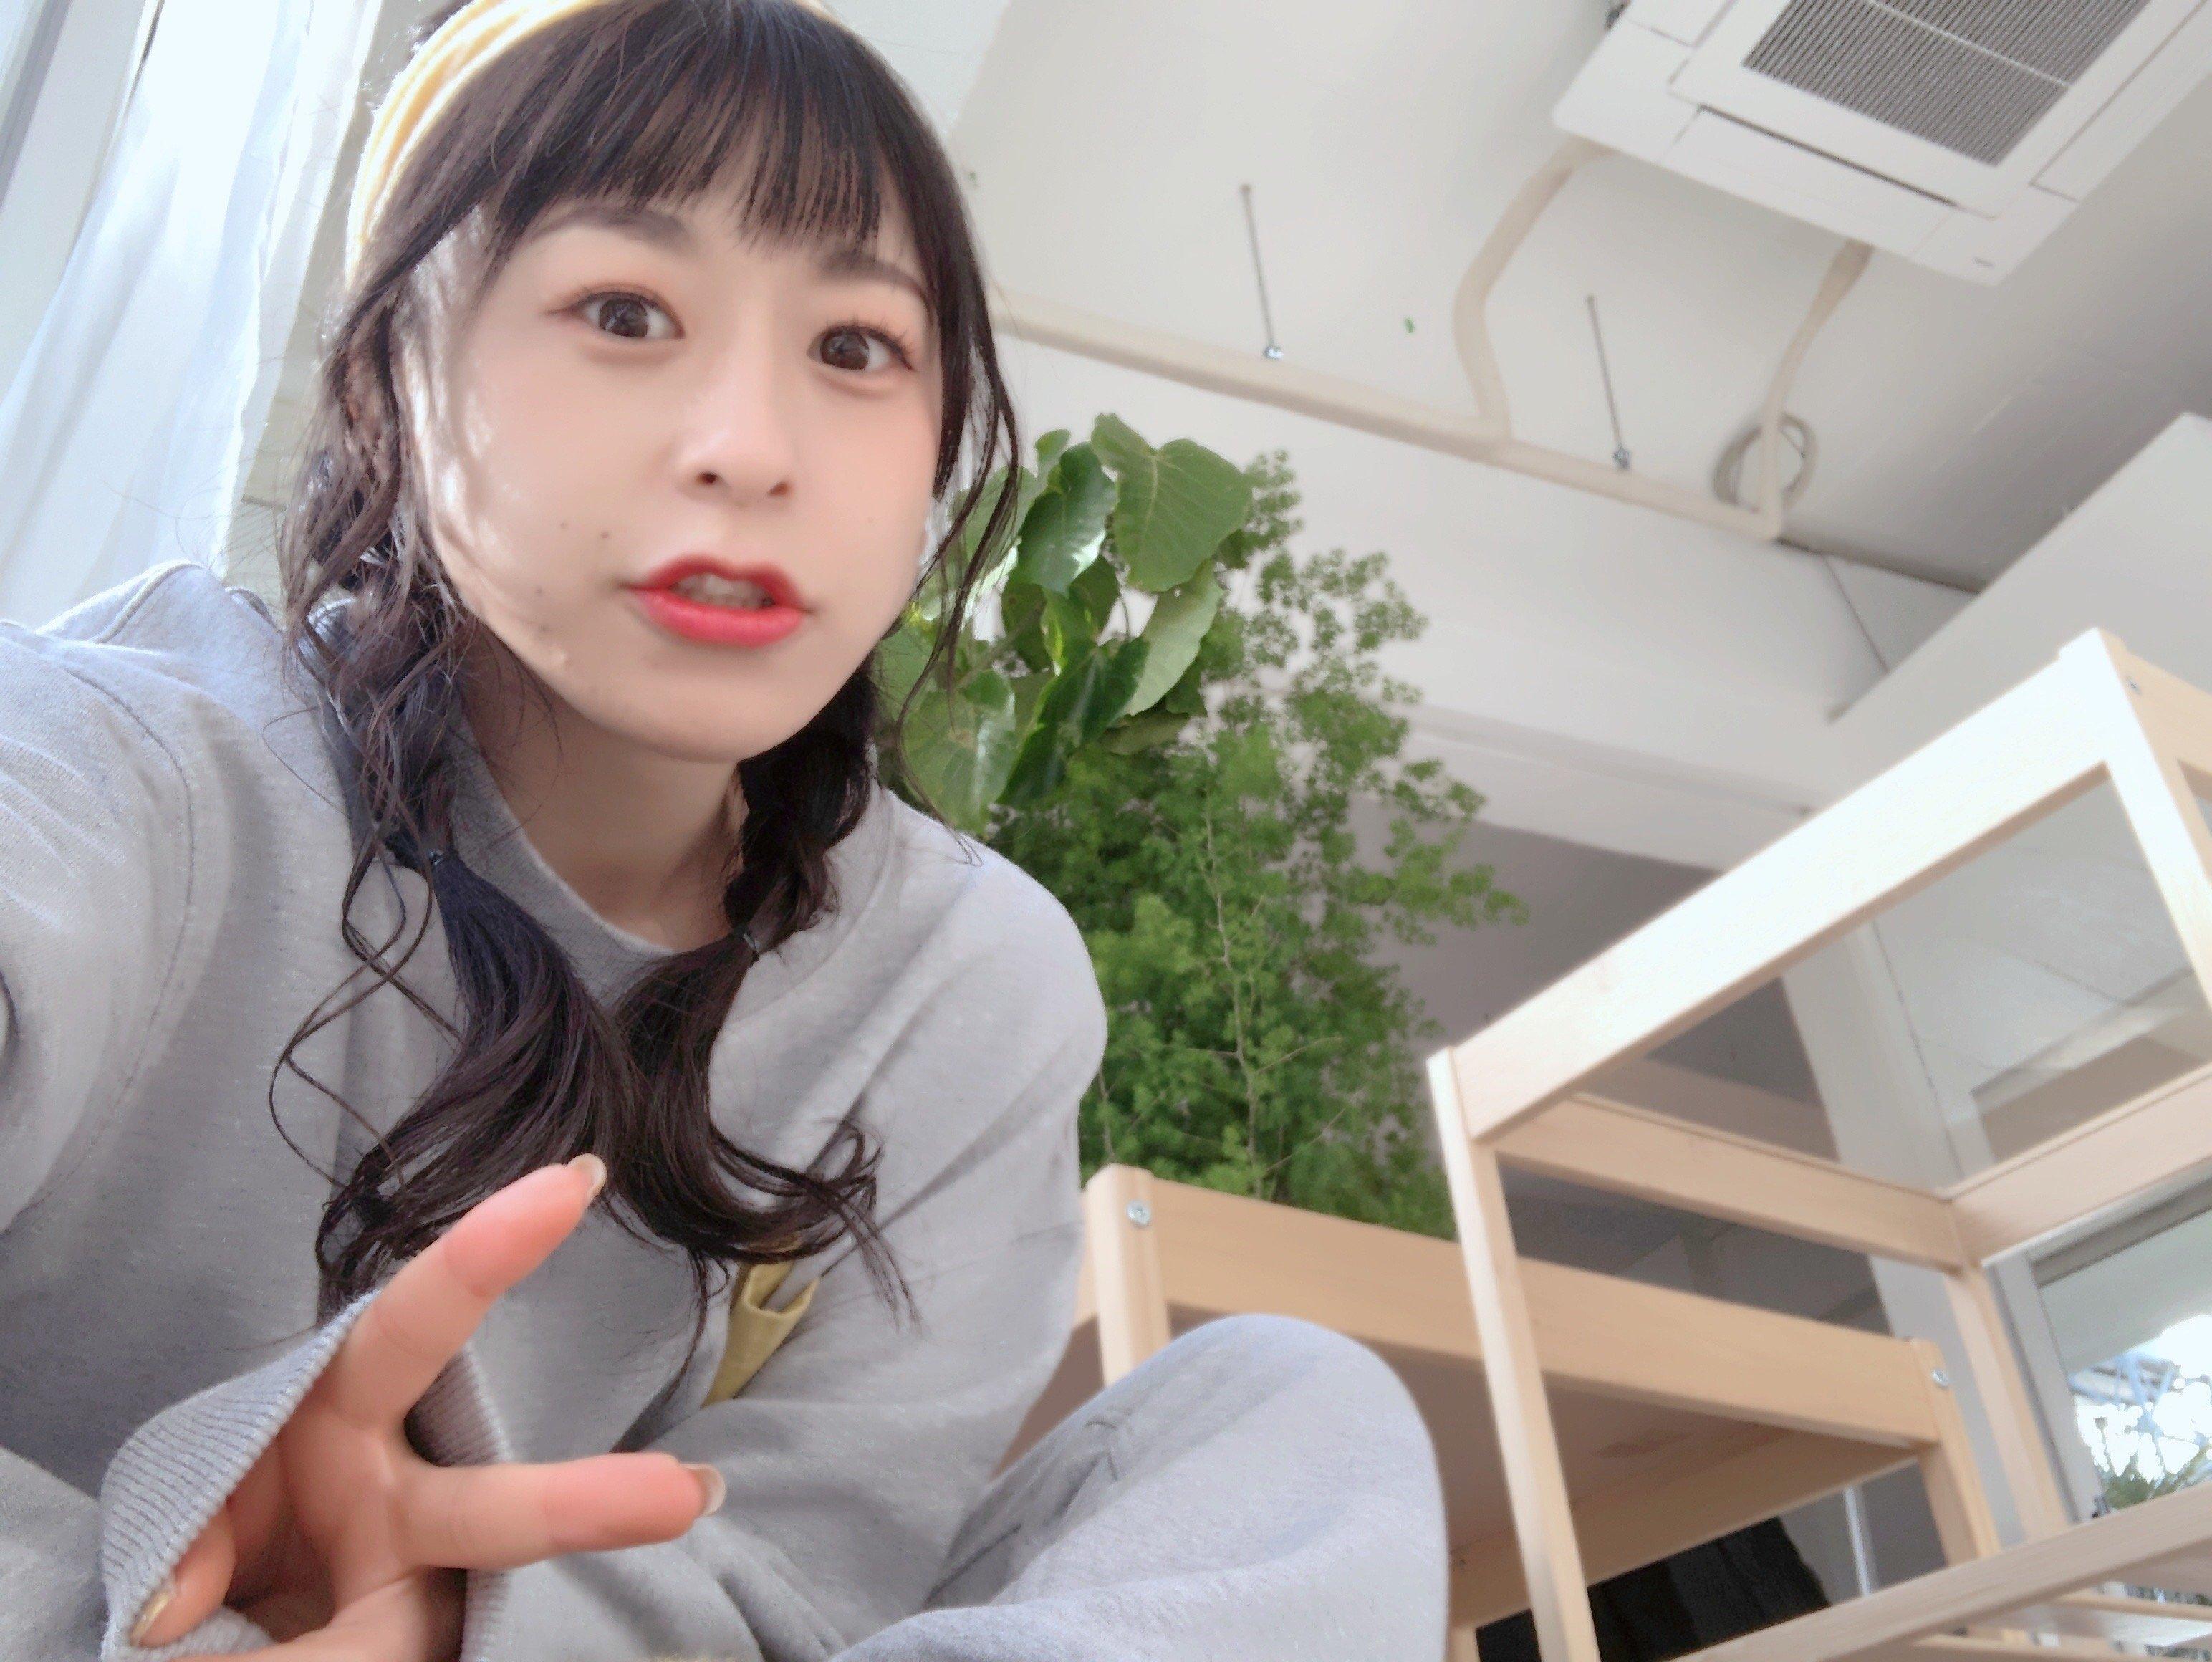 テイエムオペラオー役・徳井青空が語る「ウマ娘のここがすごい!」【そらまるコラム・第16回】の画像001